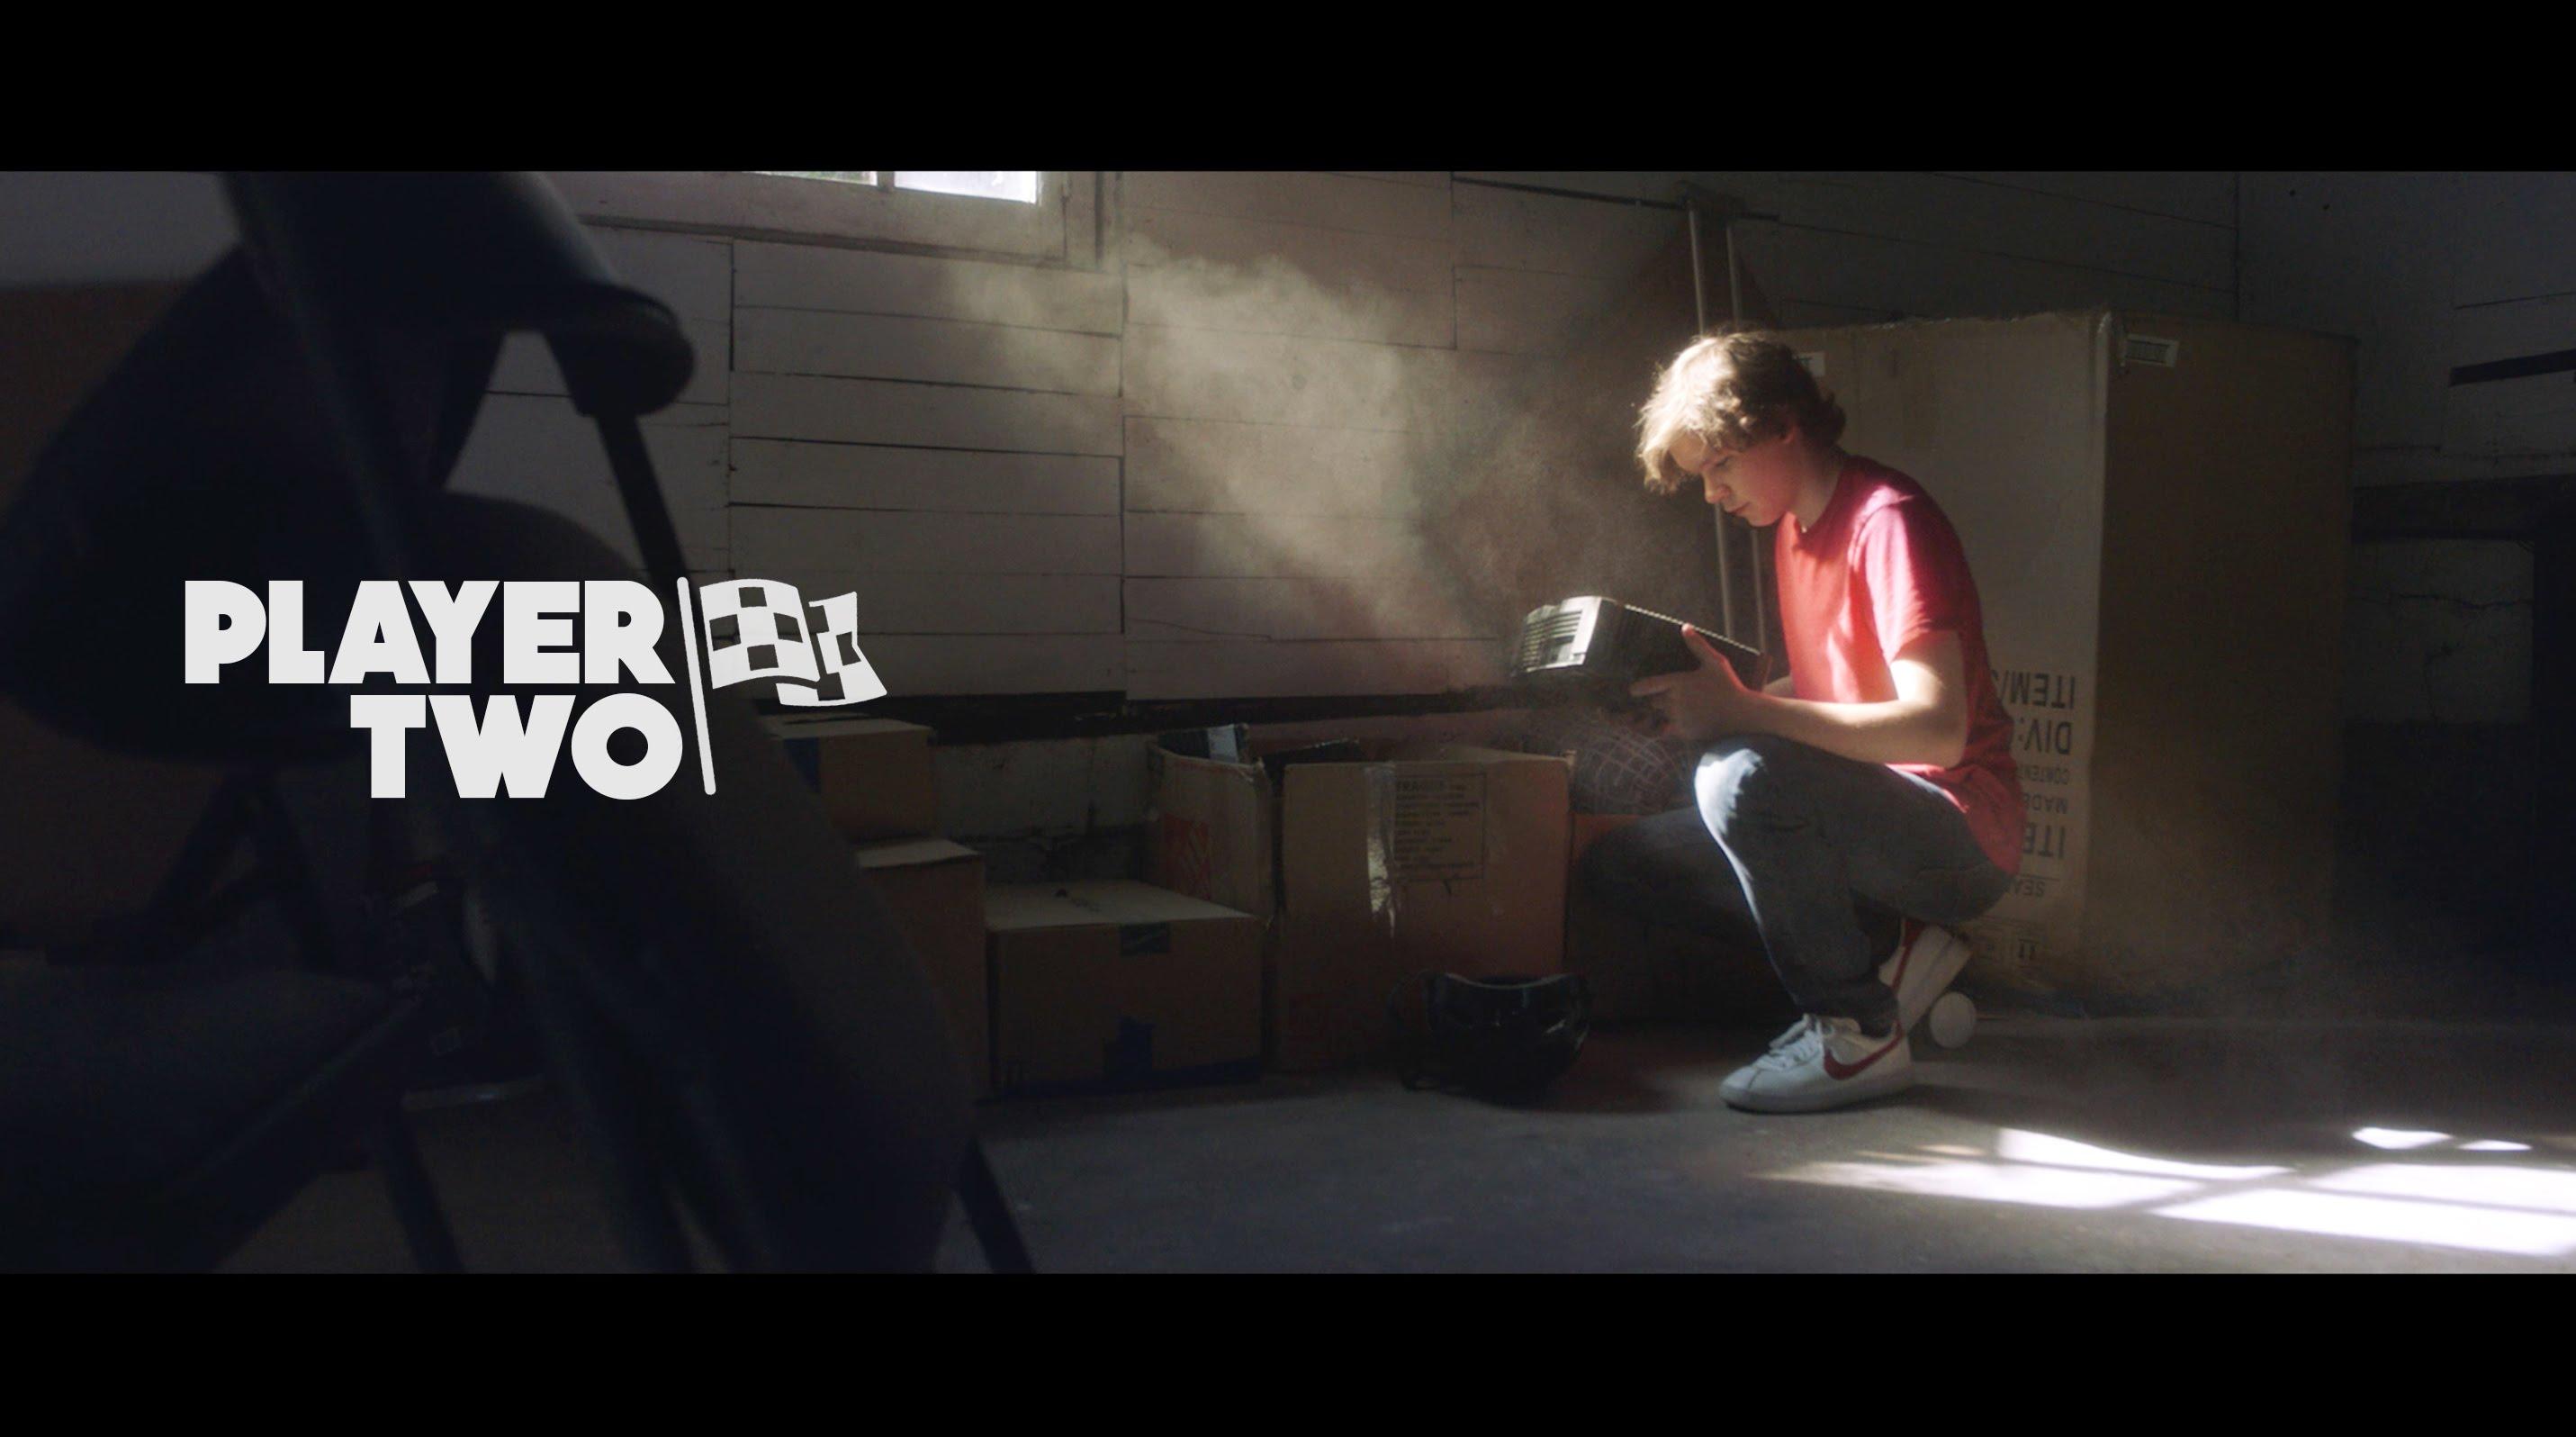 Player Two, un increíble y conmovedor cortometraje para los amantes de los videojuegos